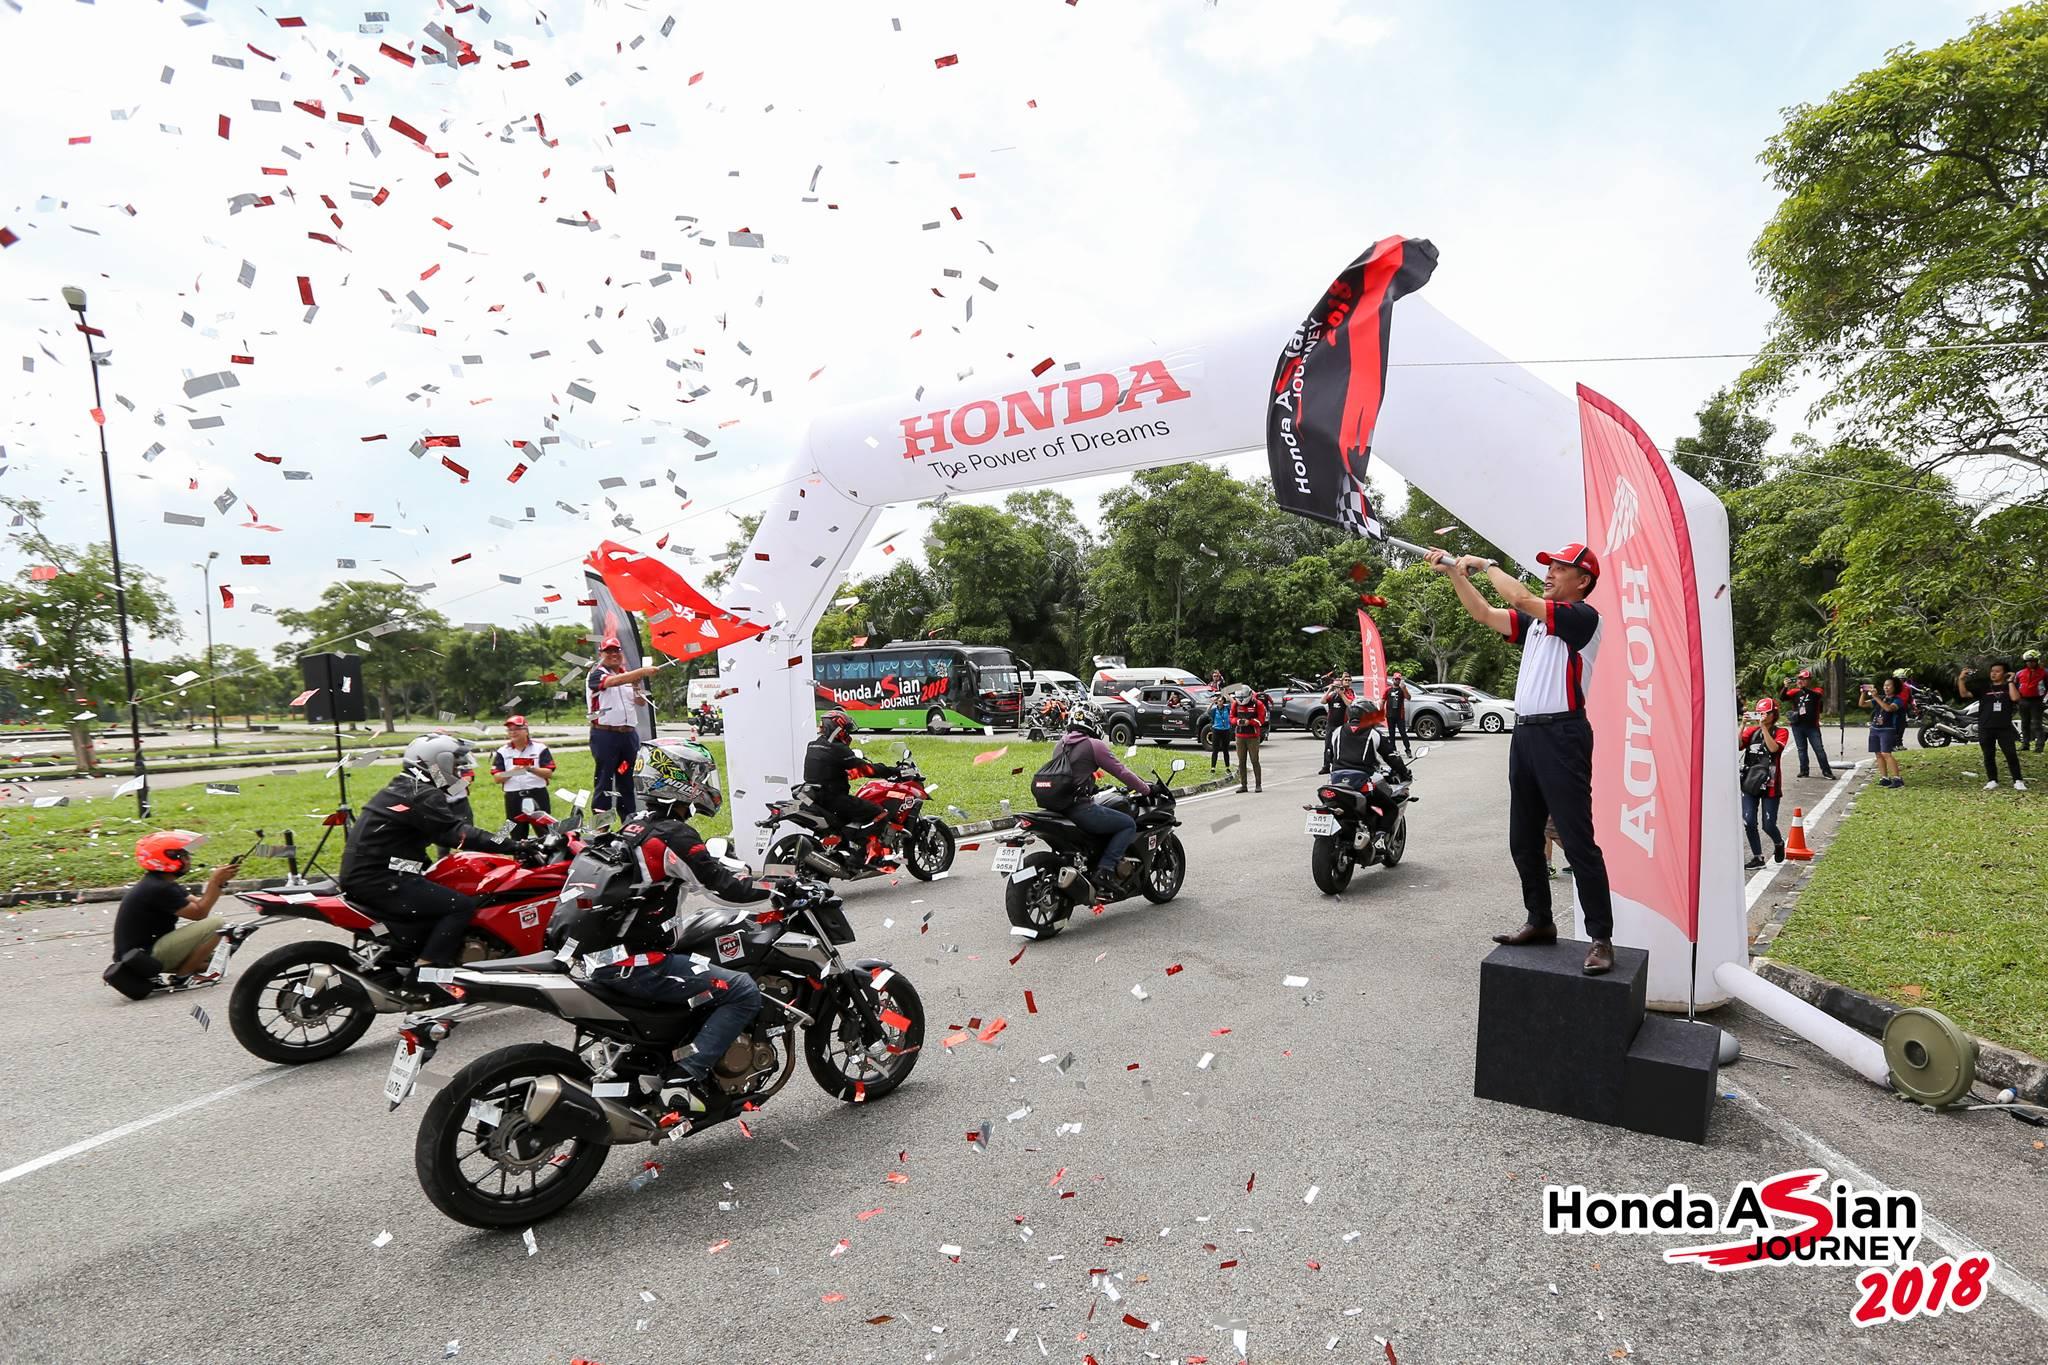 Honda_Asian_Journey_2018_Xe_Tinhte_022.jpg